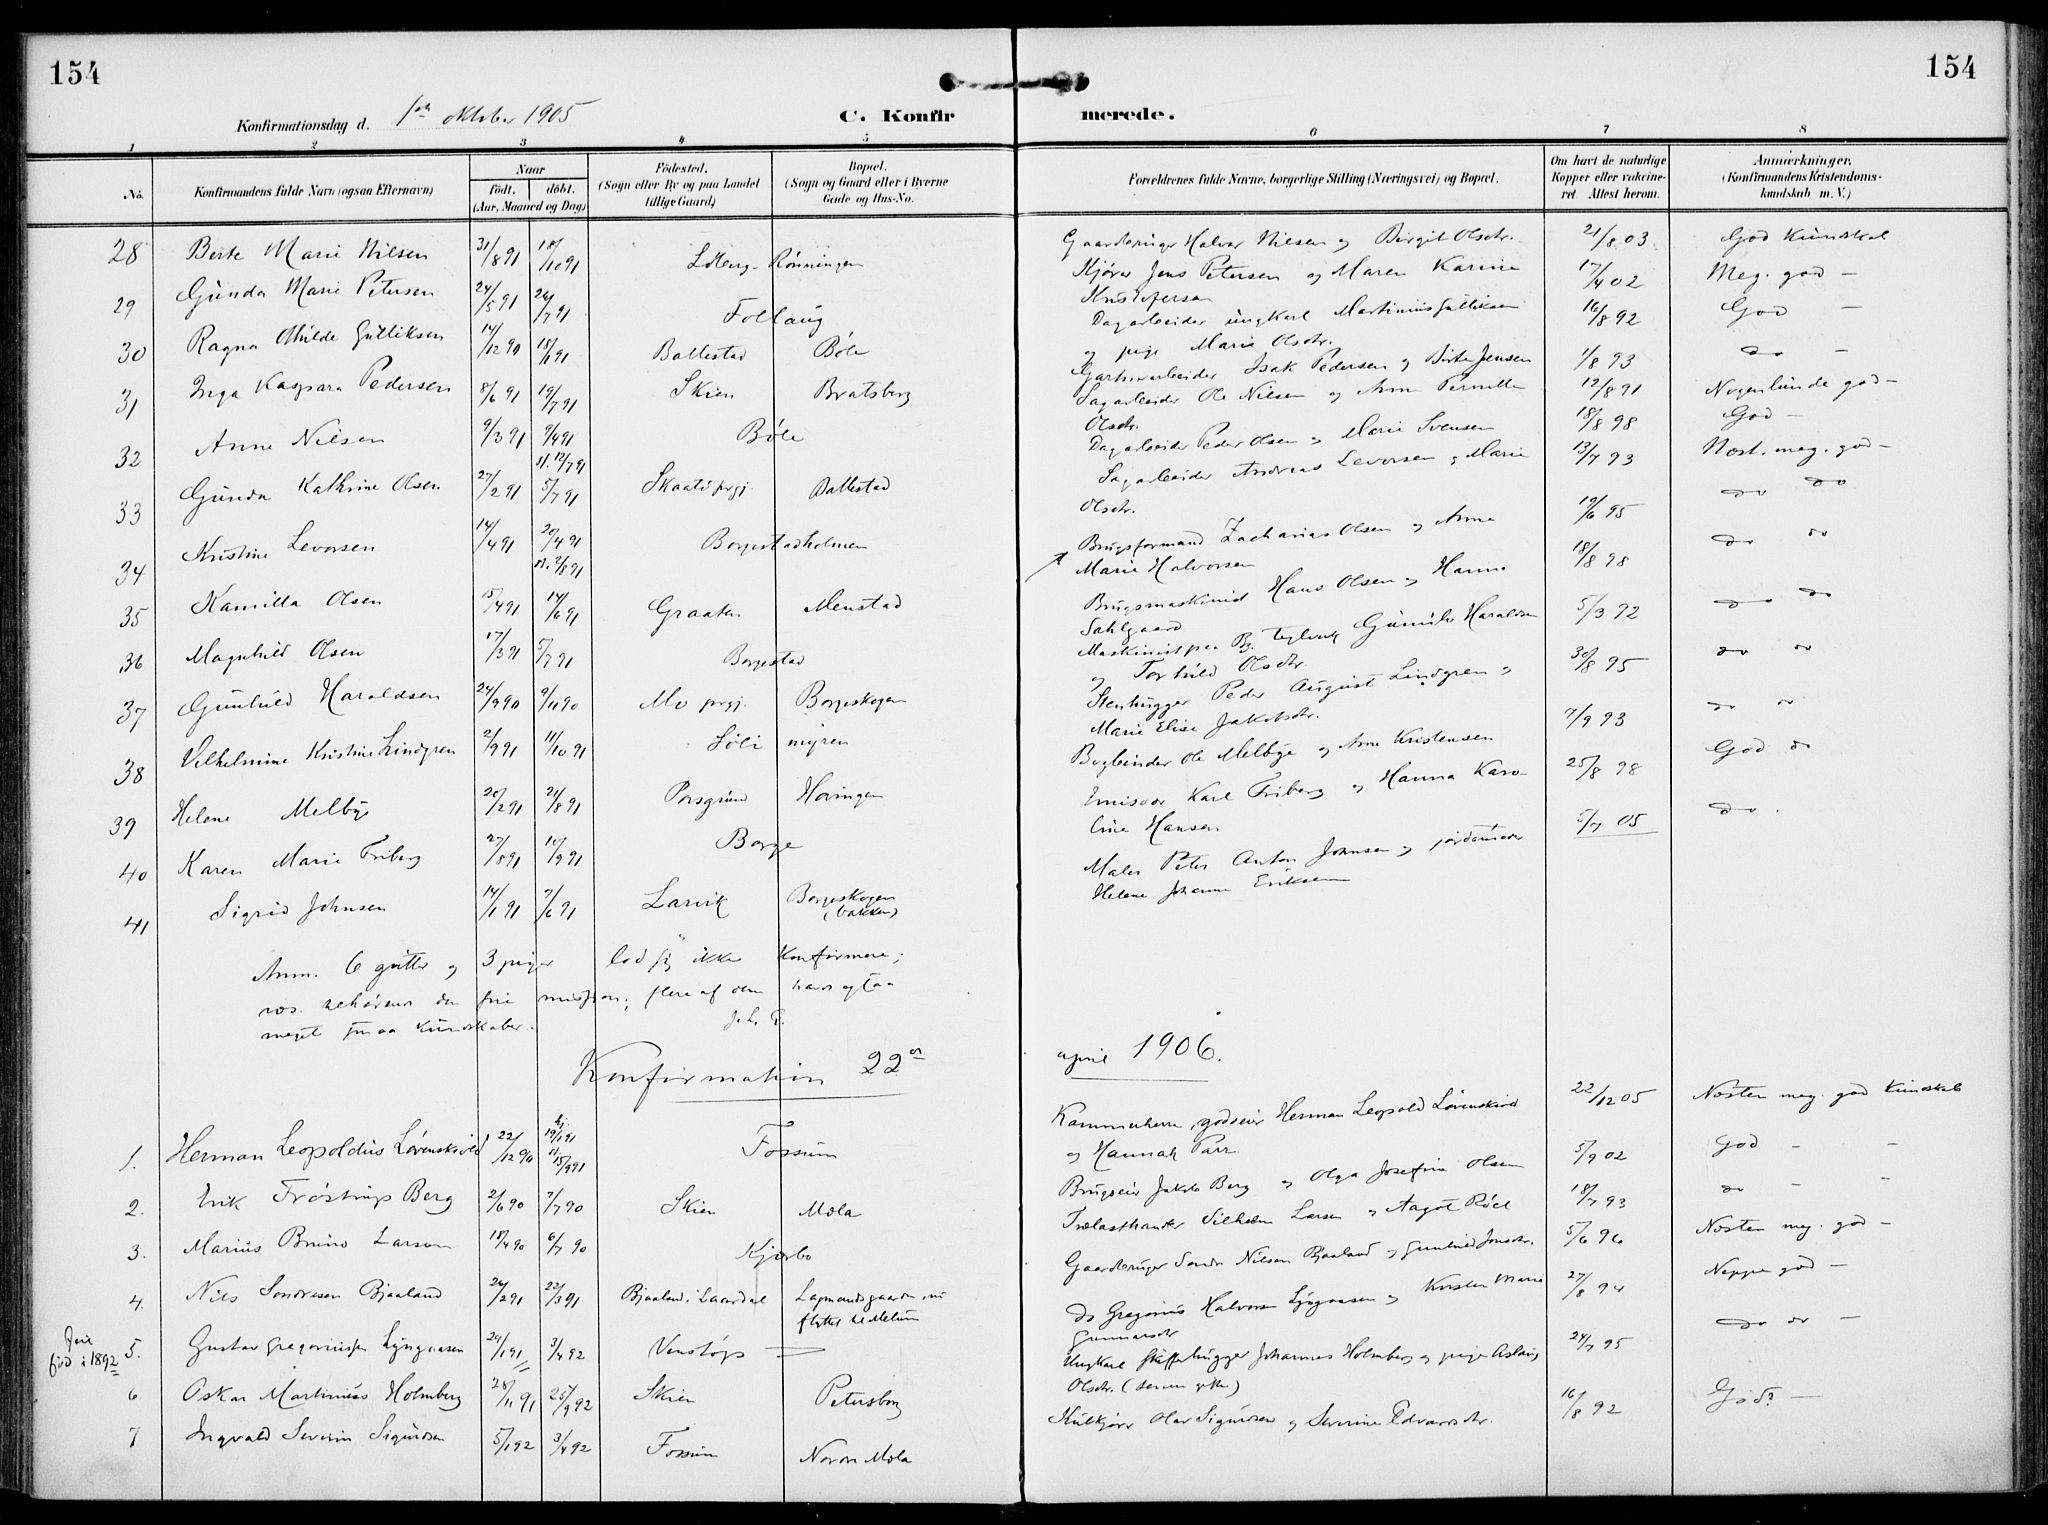 SAKO, Gjerpen kirkebøker, F/Fa/L0012: Ministerialbok nr. 12, 1905-1913, s. 154